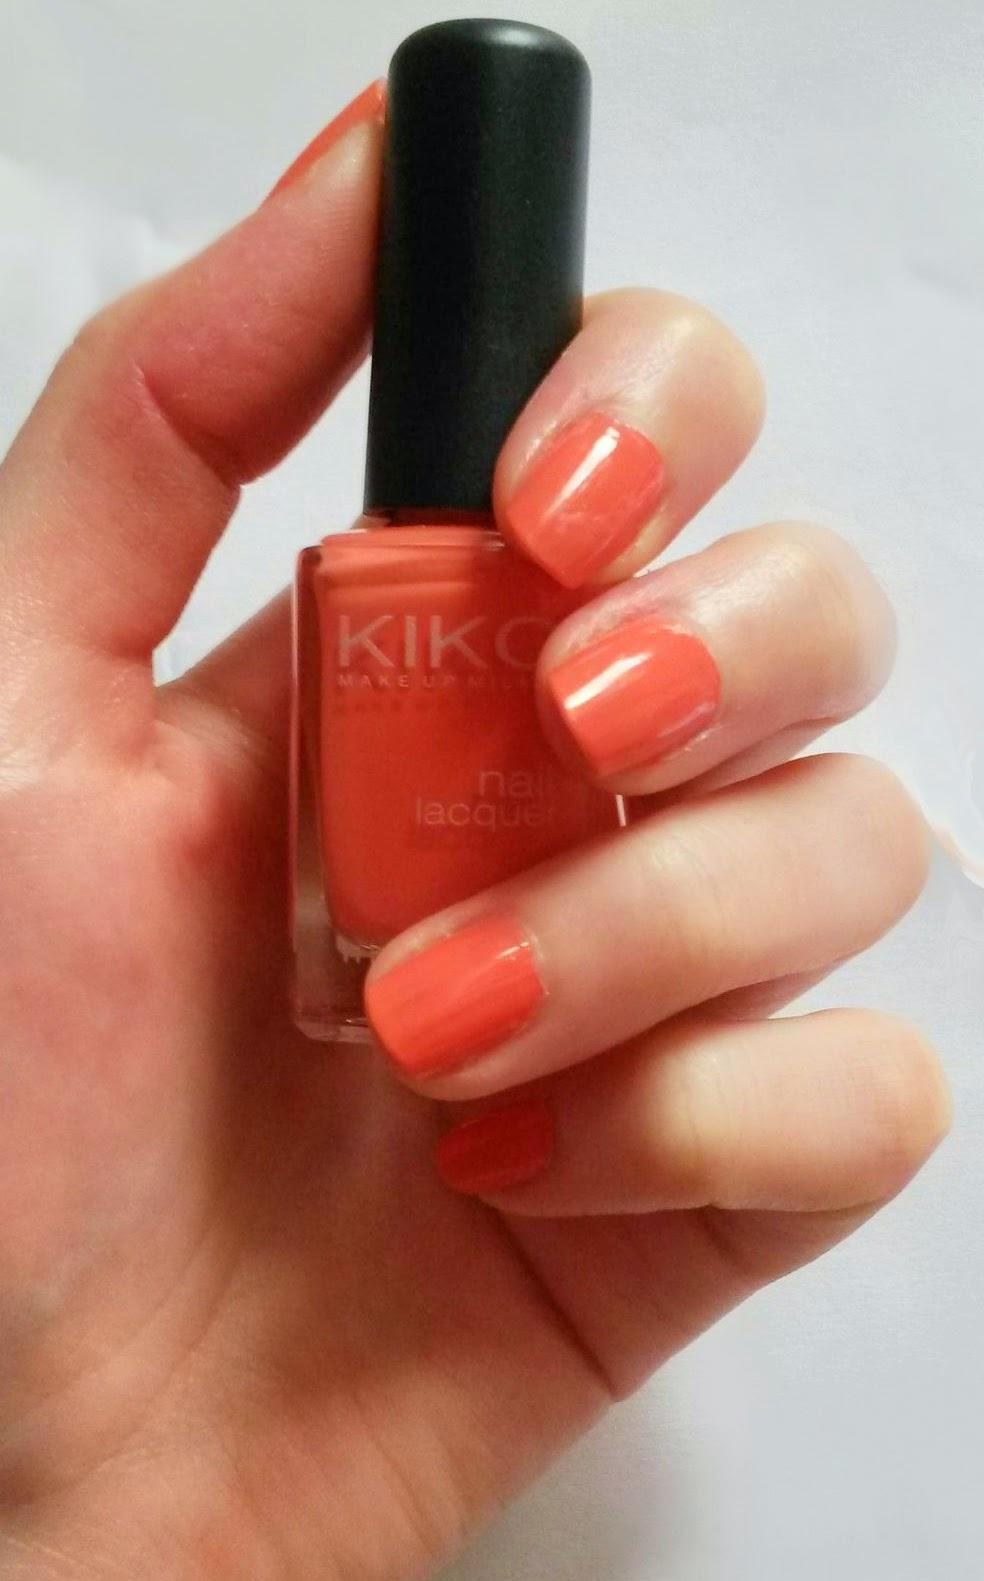 Favoris été 2014 beauté vernis kiko peach rose 358